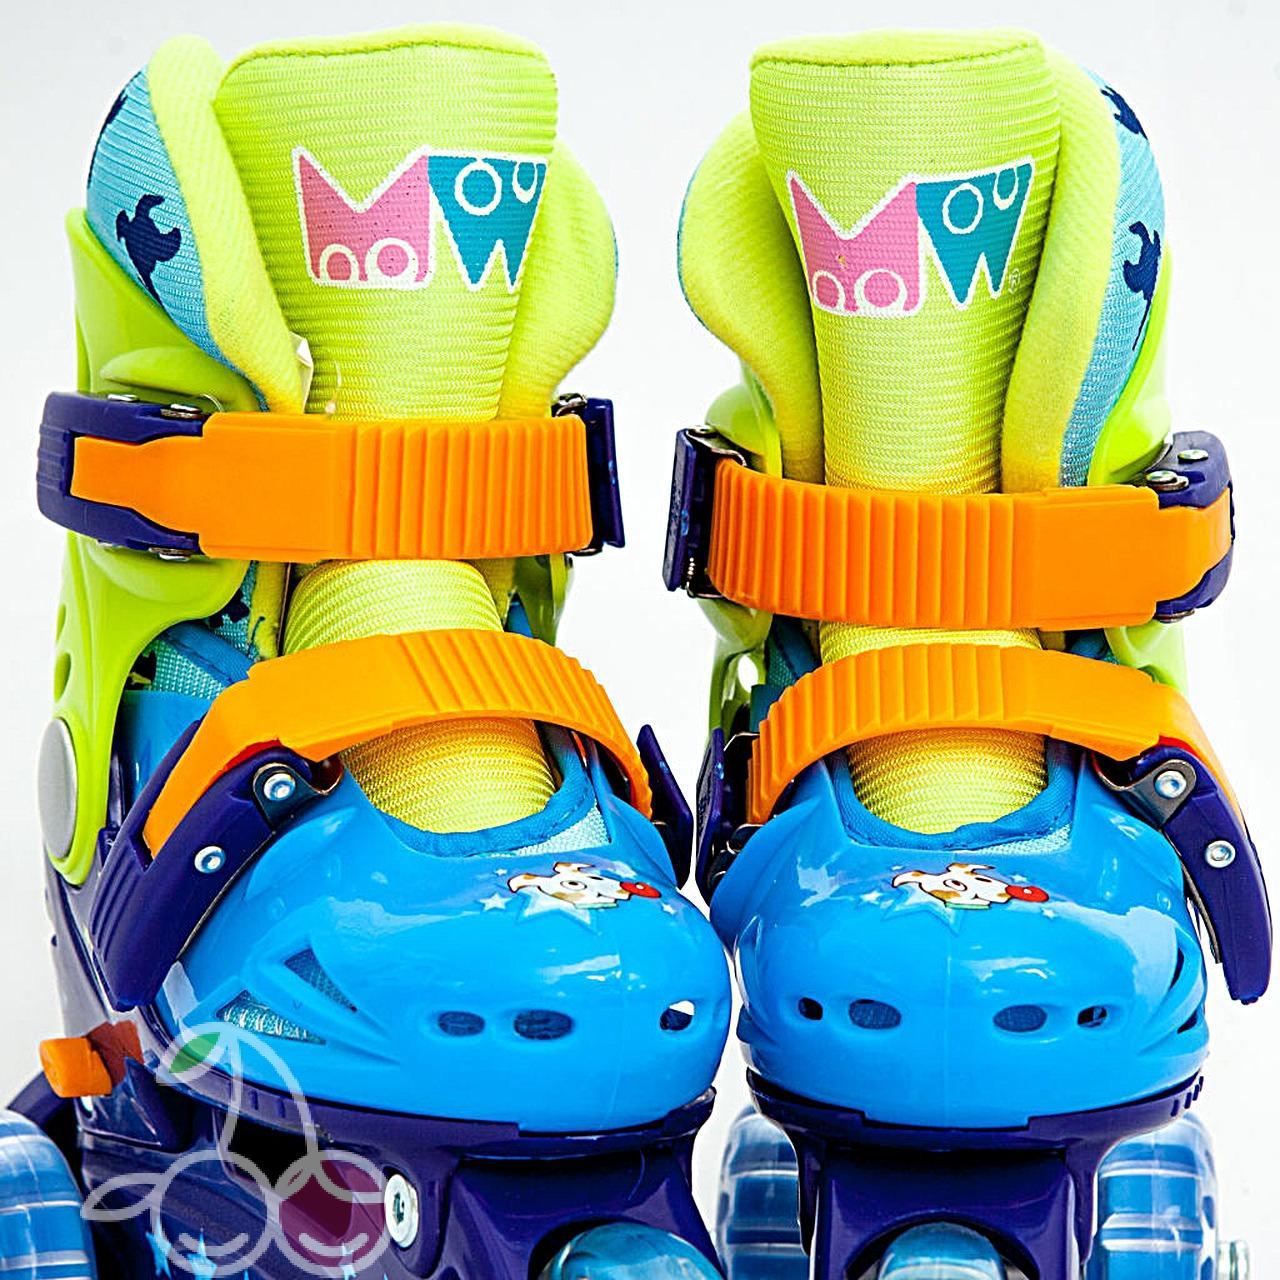 Роликовые коньки детские 26 размер, для обучения (трехколесные, раздвижной ботинок) MagicWheels зеленые, - фото 1